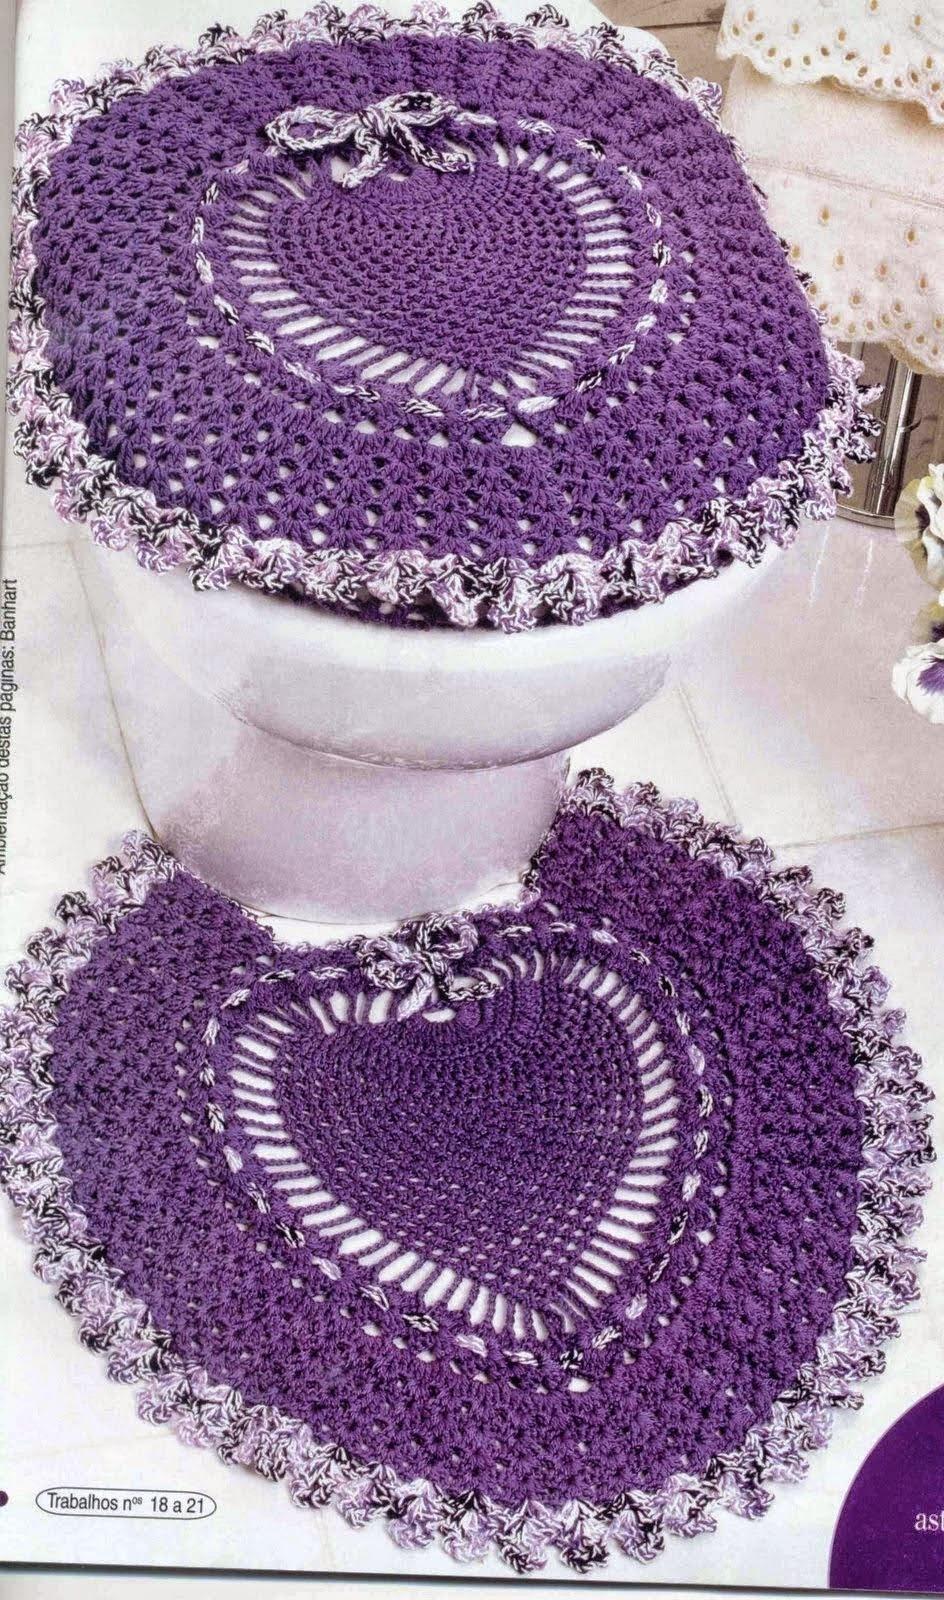 Juegos De Baño A Crochet Con Patrones:patrones cómo interpretar los patrones símbolos de tejido al crochet